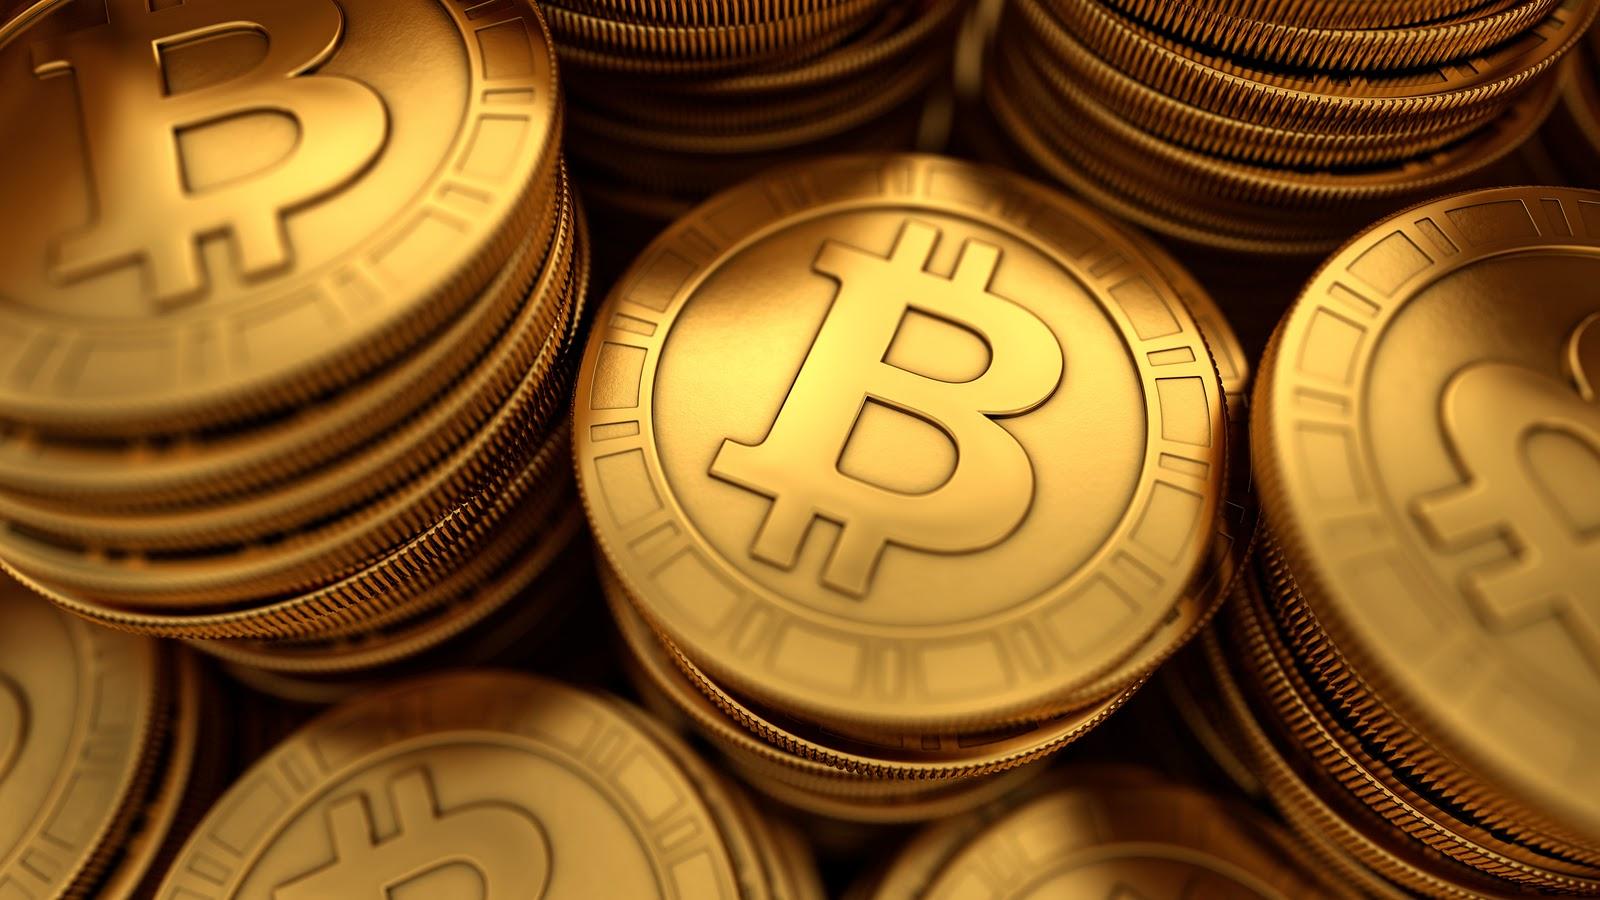 Banco Central faz alerta sobre 'bolha' do Bitcoin